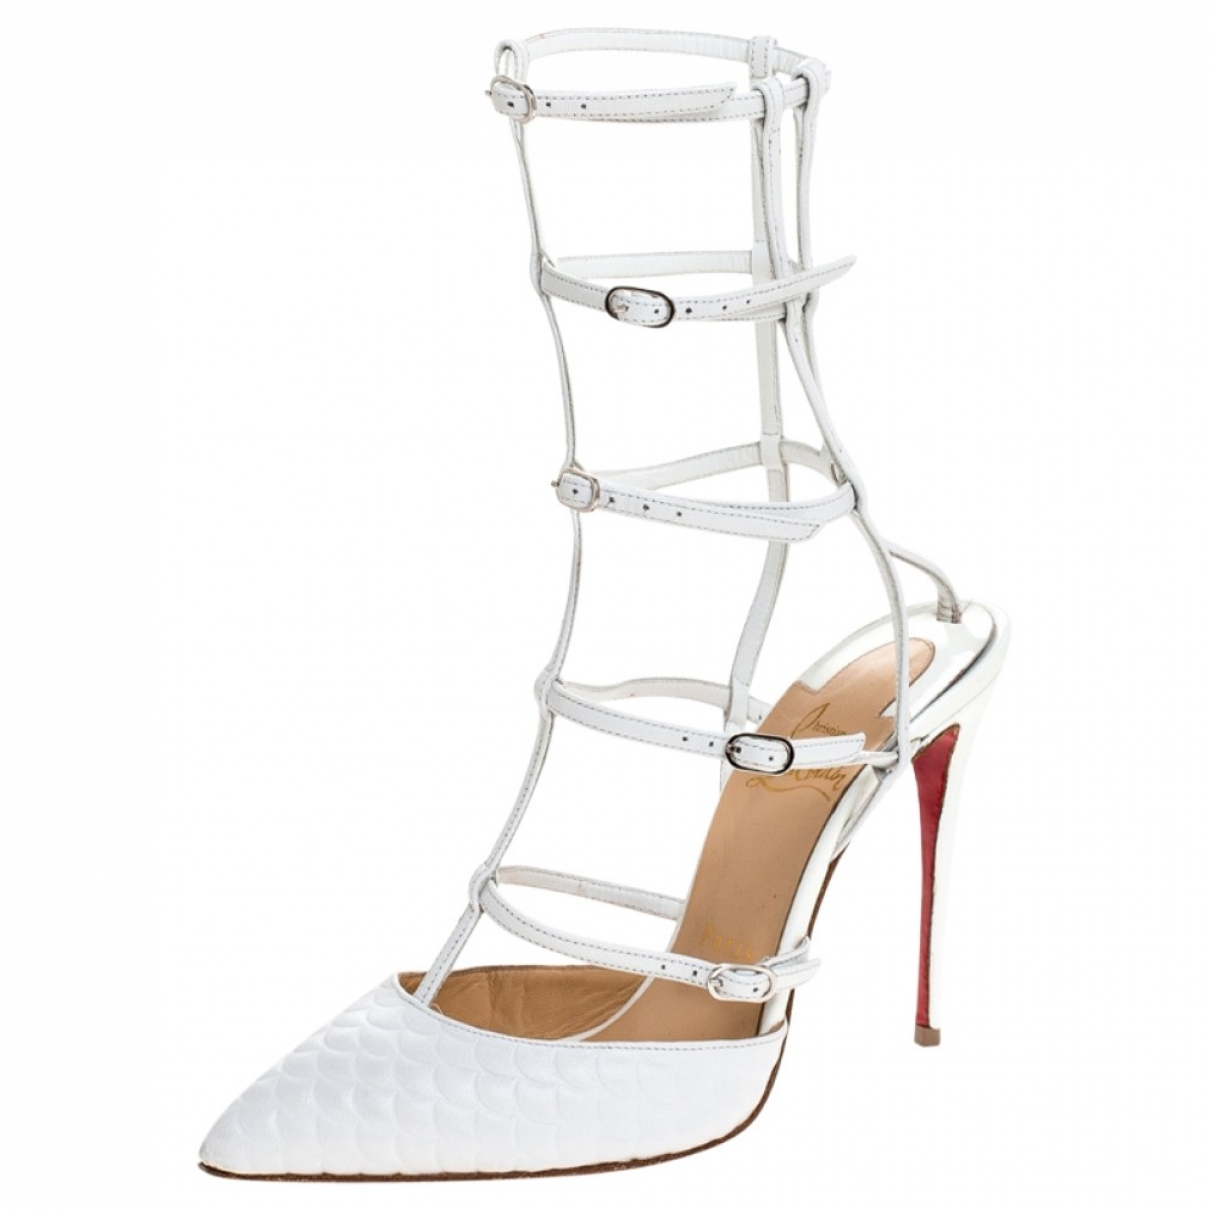 Christian Louboutin - Sandales   pour femme en cuir - blanc